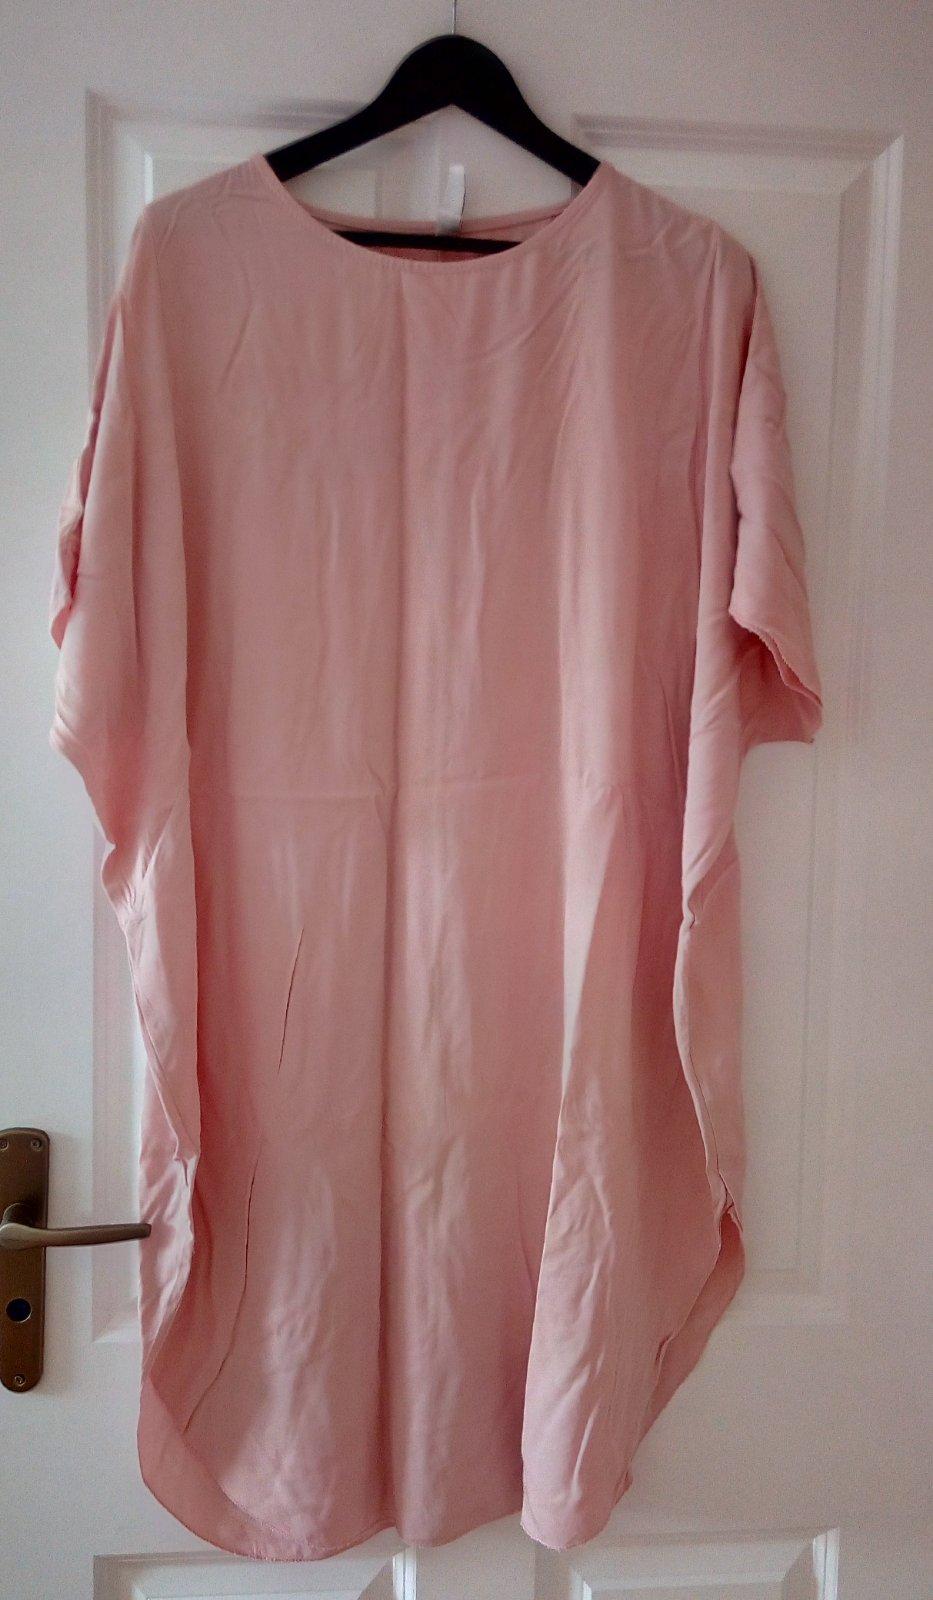 Bledoružové šaty univeľkosť - Obrázok č. 4